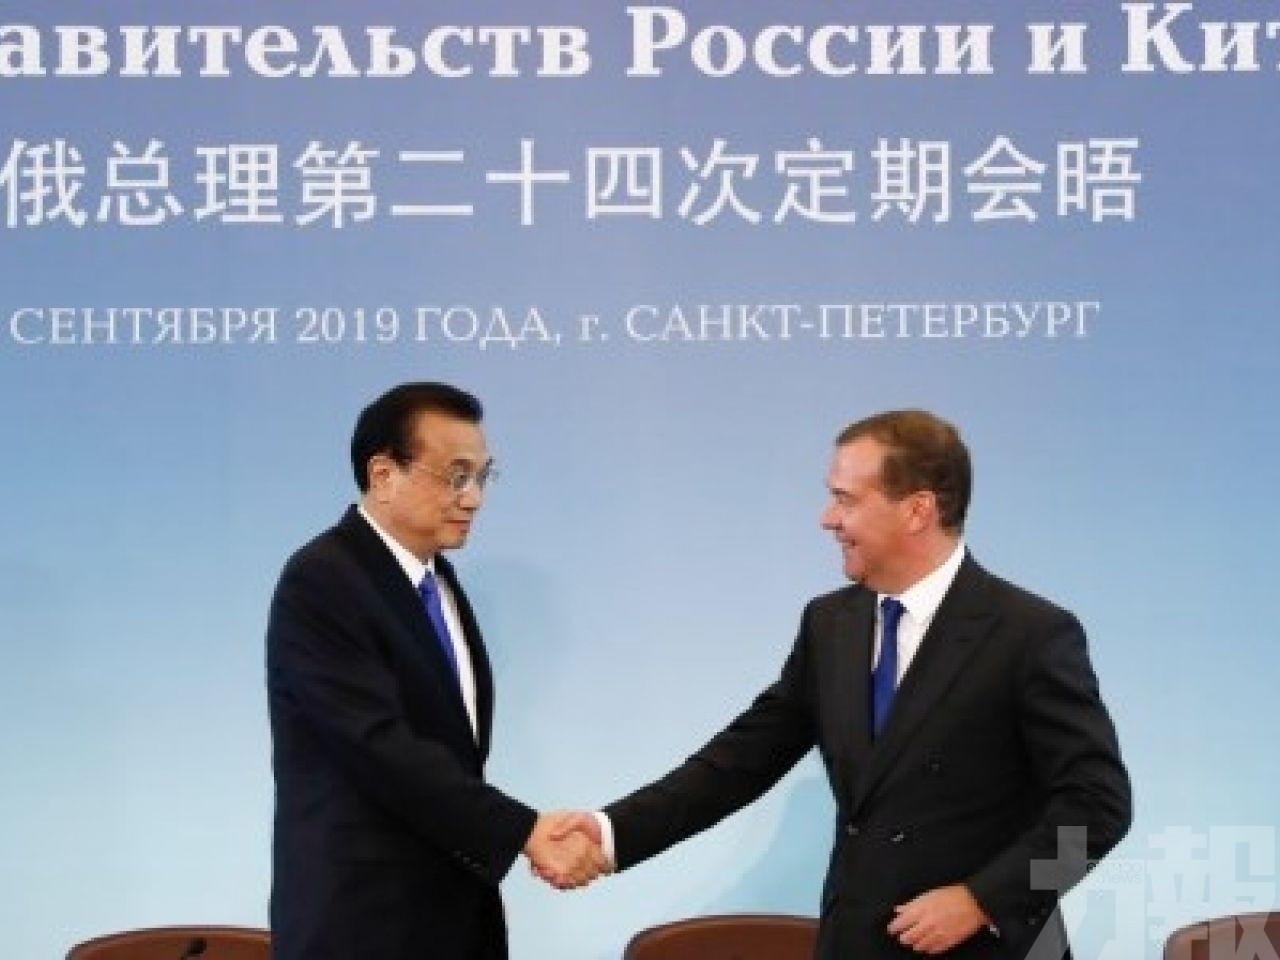 雙方同意繼續加強合作